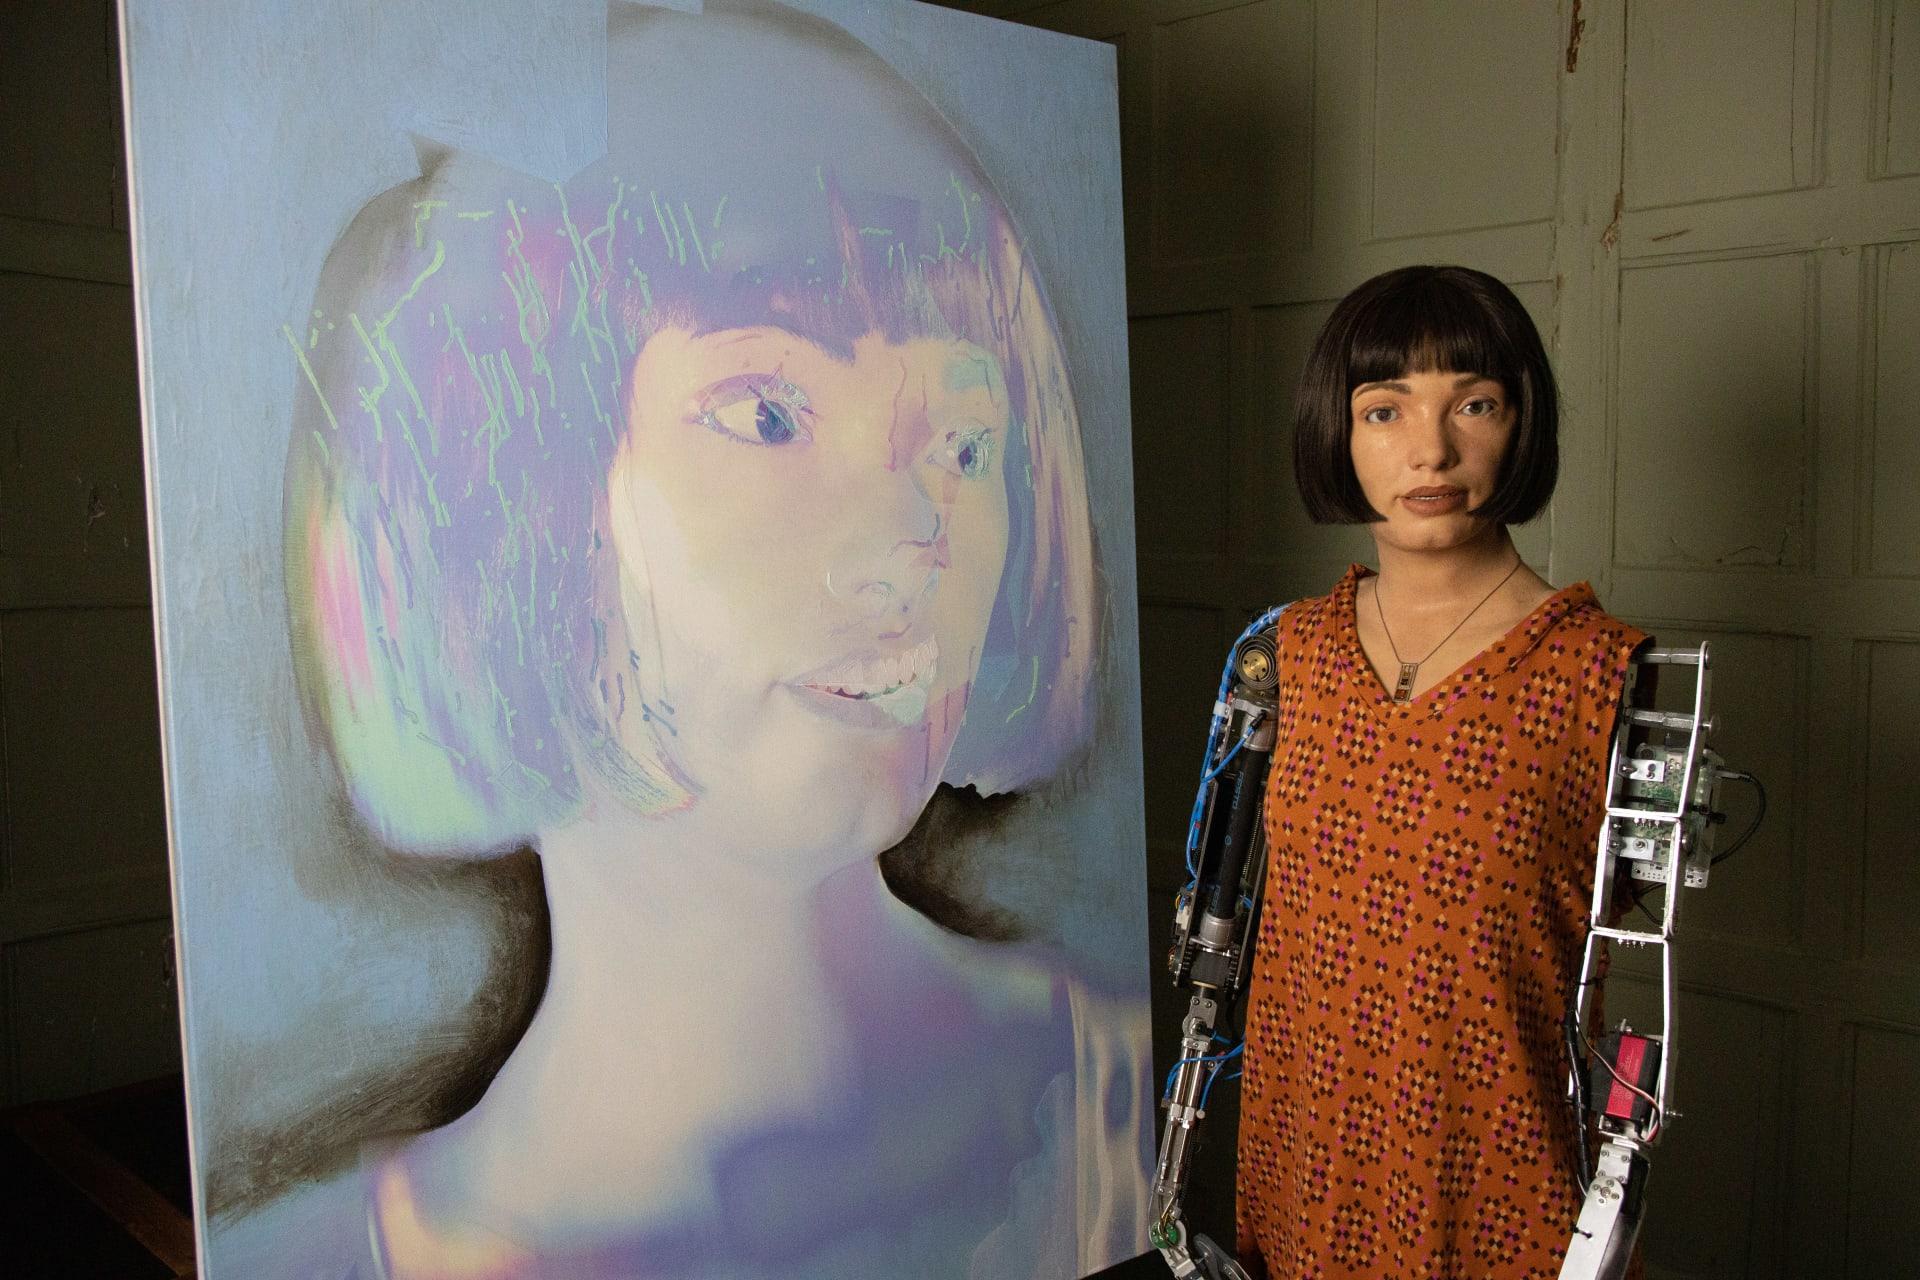 أول روبوت فنان في هيئة إنسان في العالم